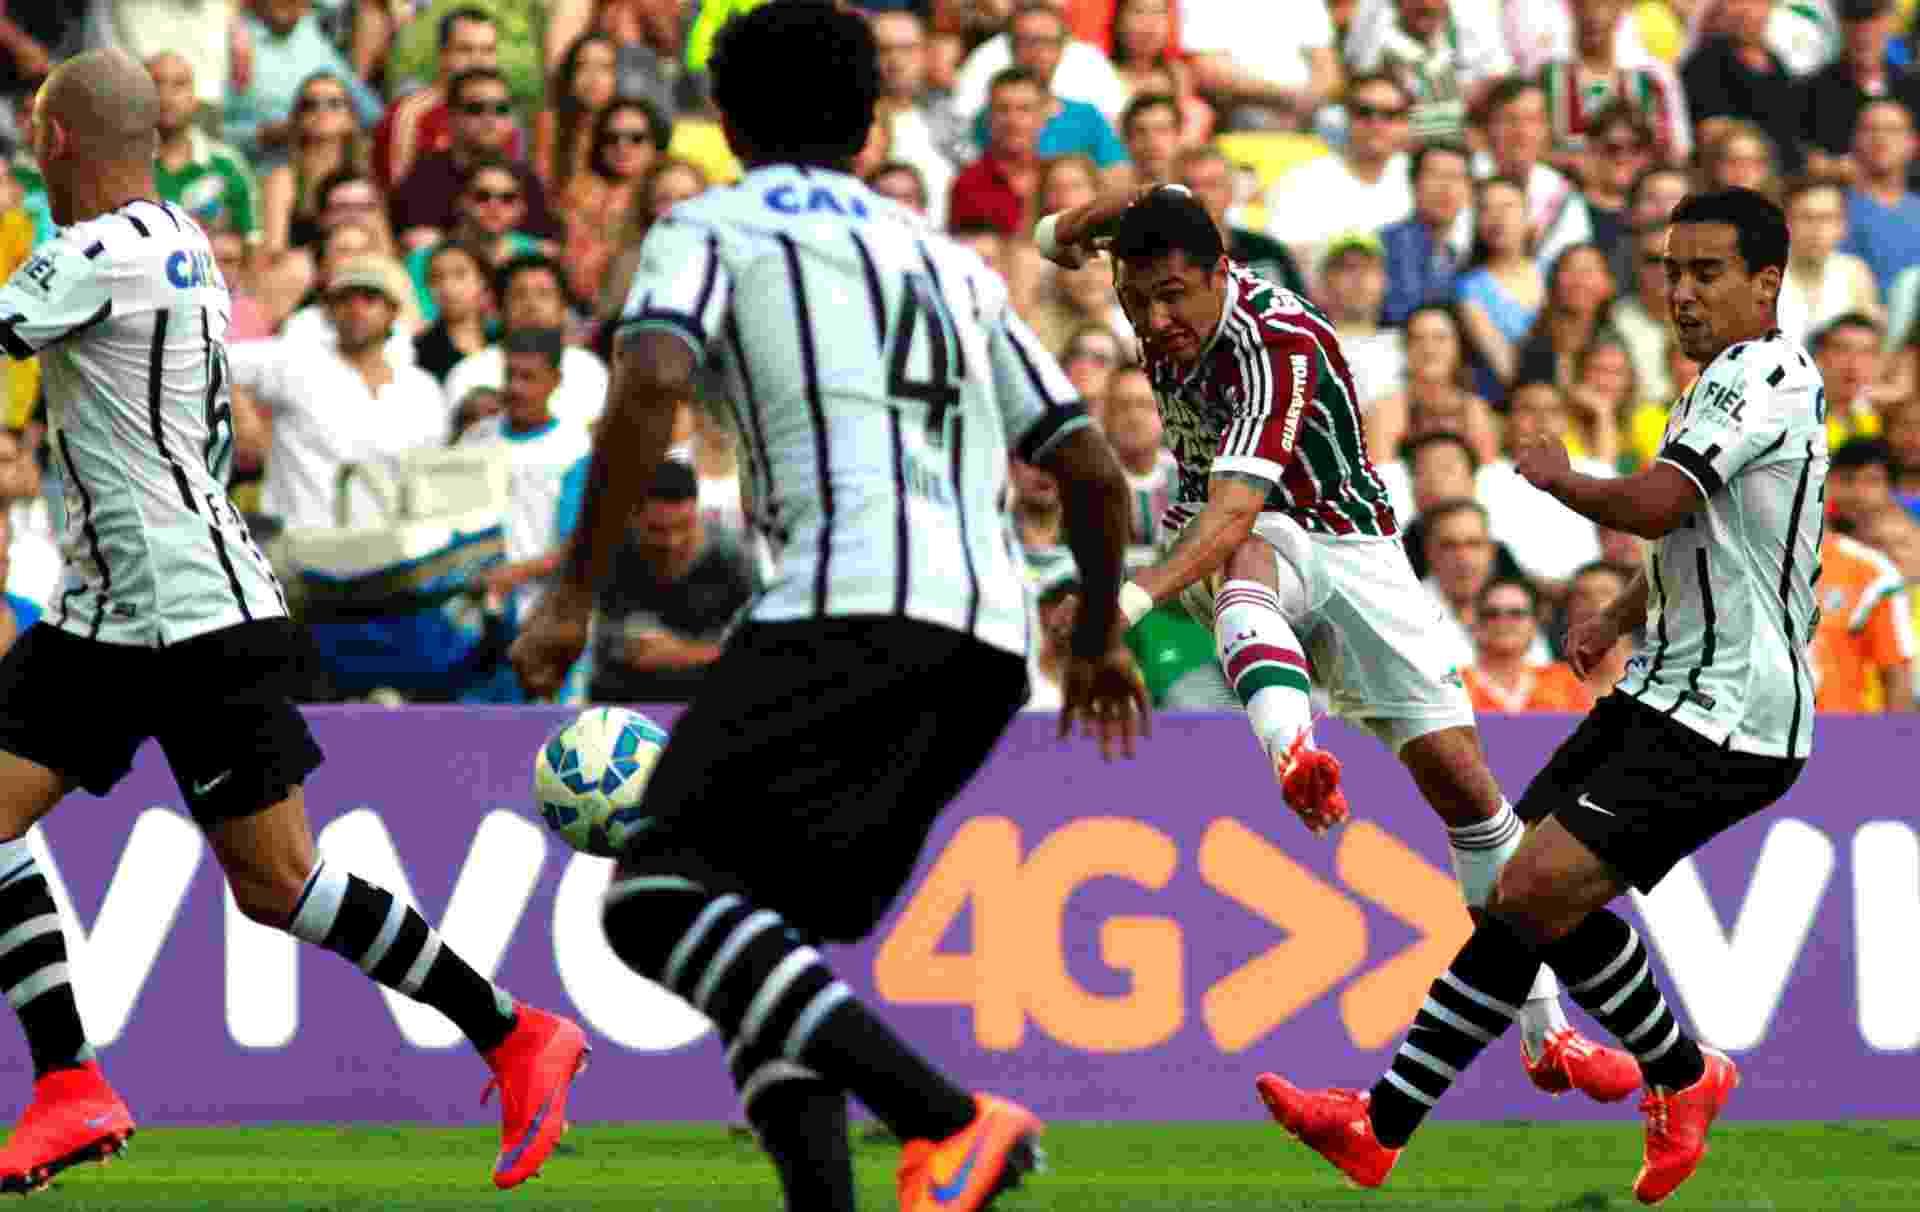 9a404912f9 Fluminense x Corinthians pelo Brasileirão nesse domingo (24 05). Ver álbum